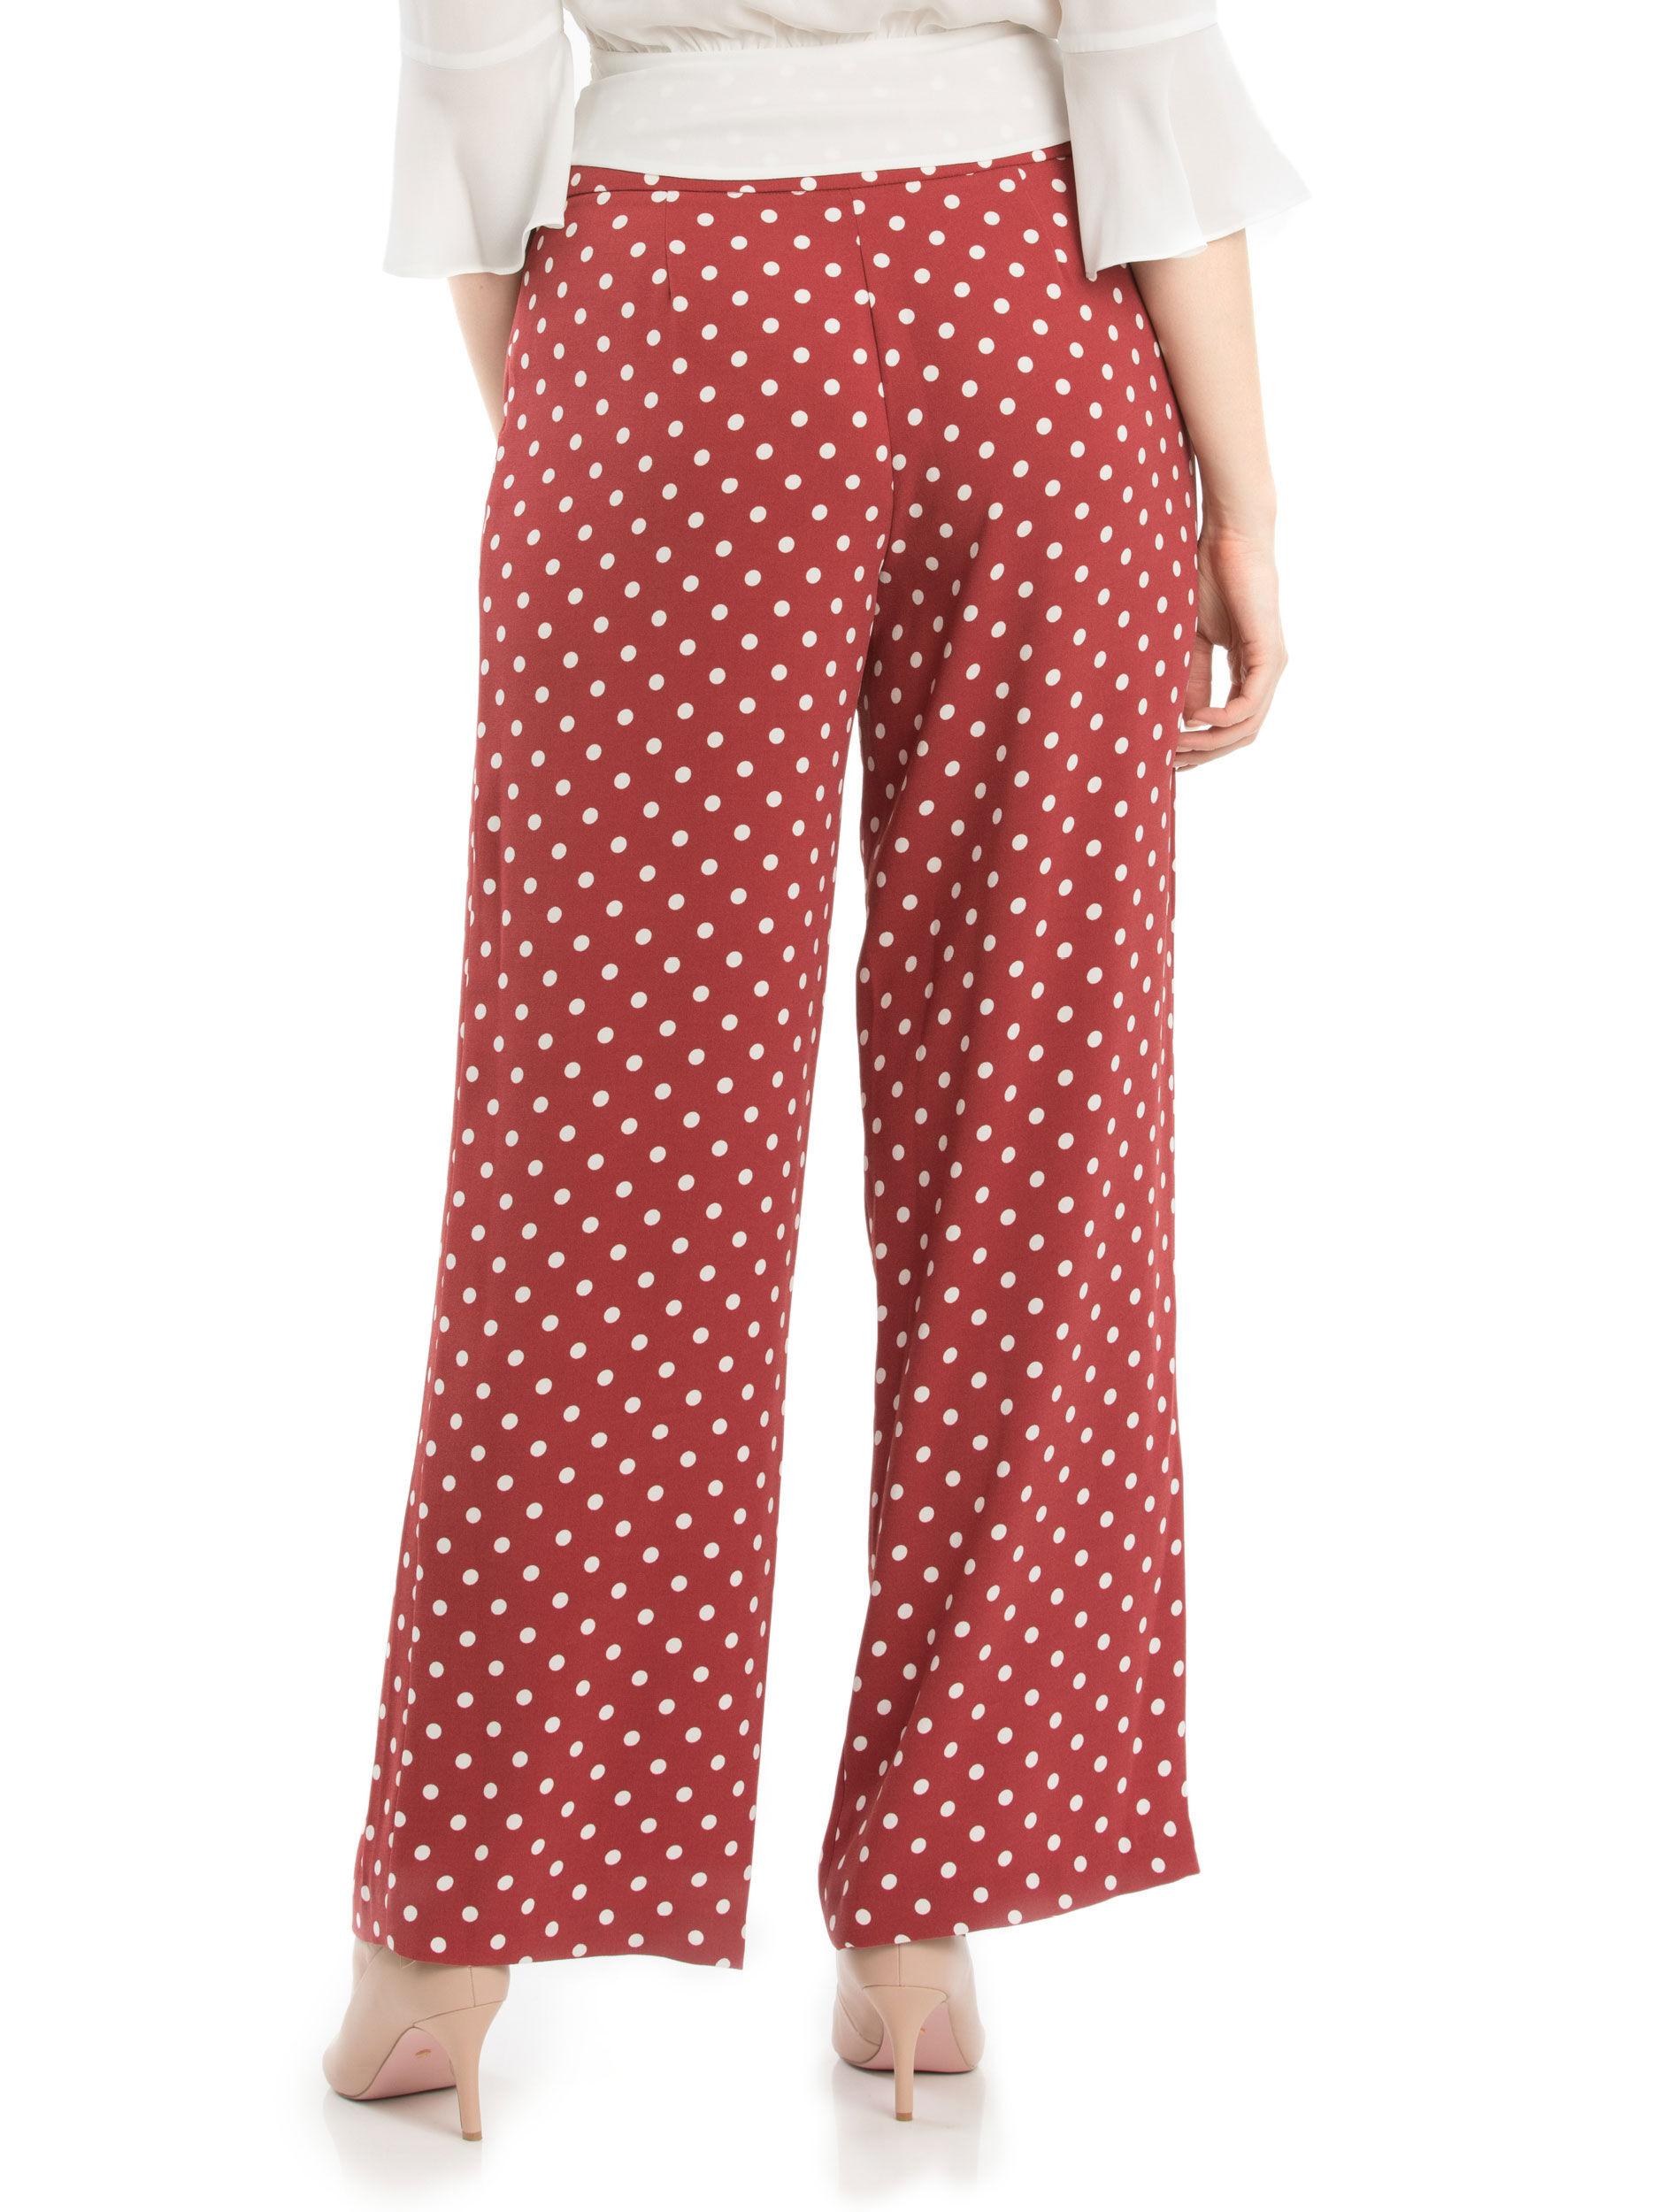 Spot Surprise Pants